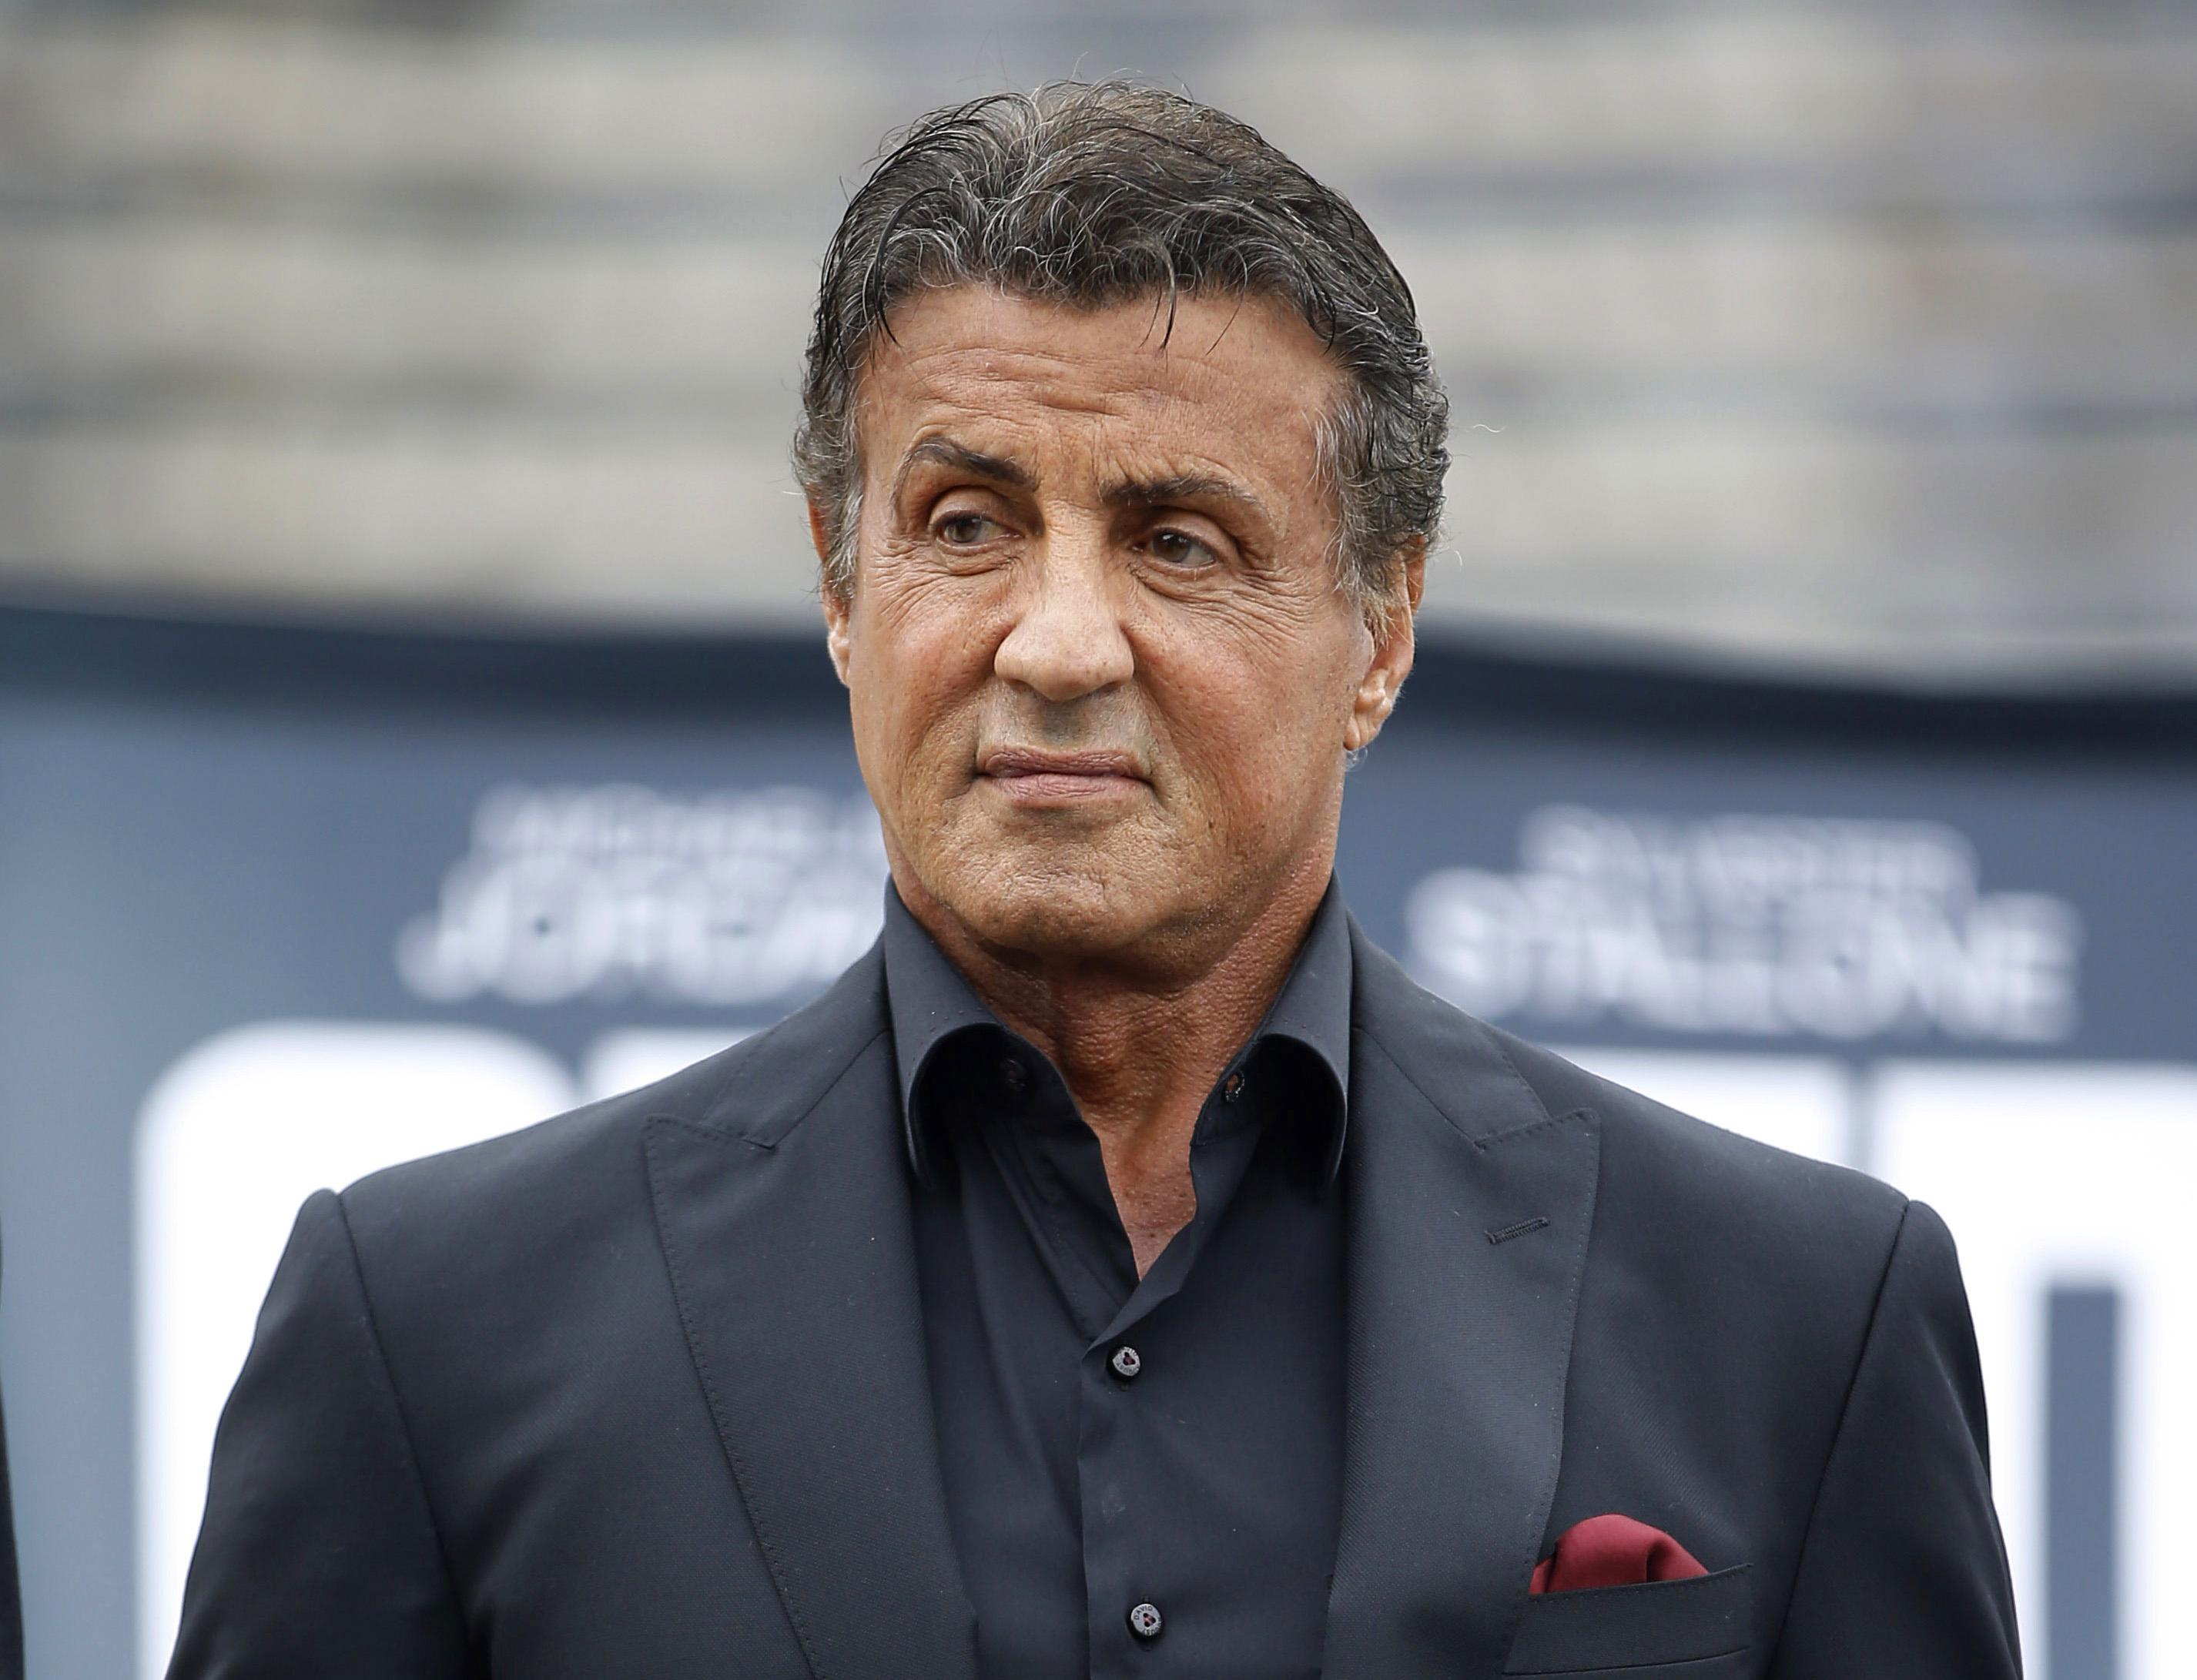 Accuse a Stallone, sesso a 3 in anni '80